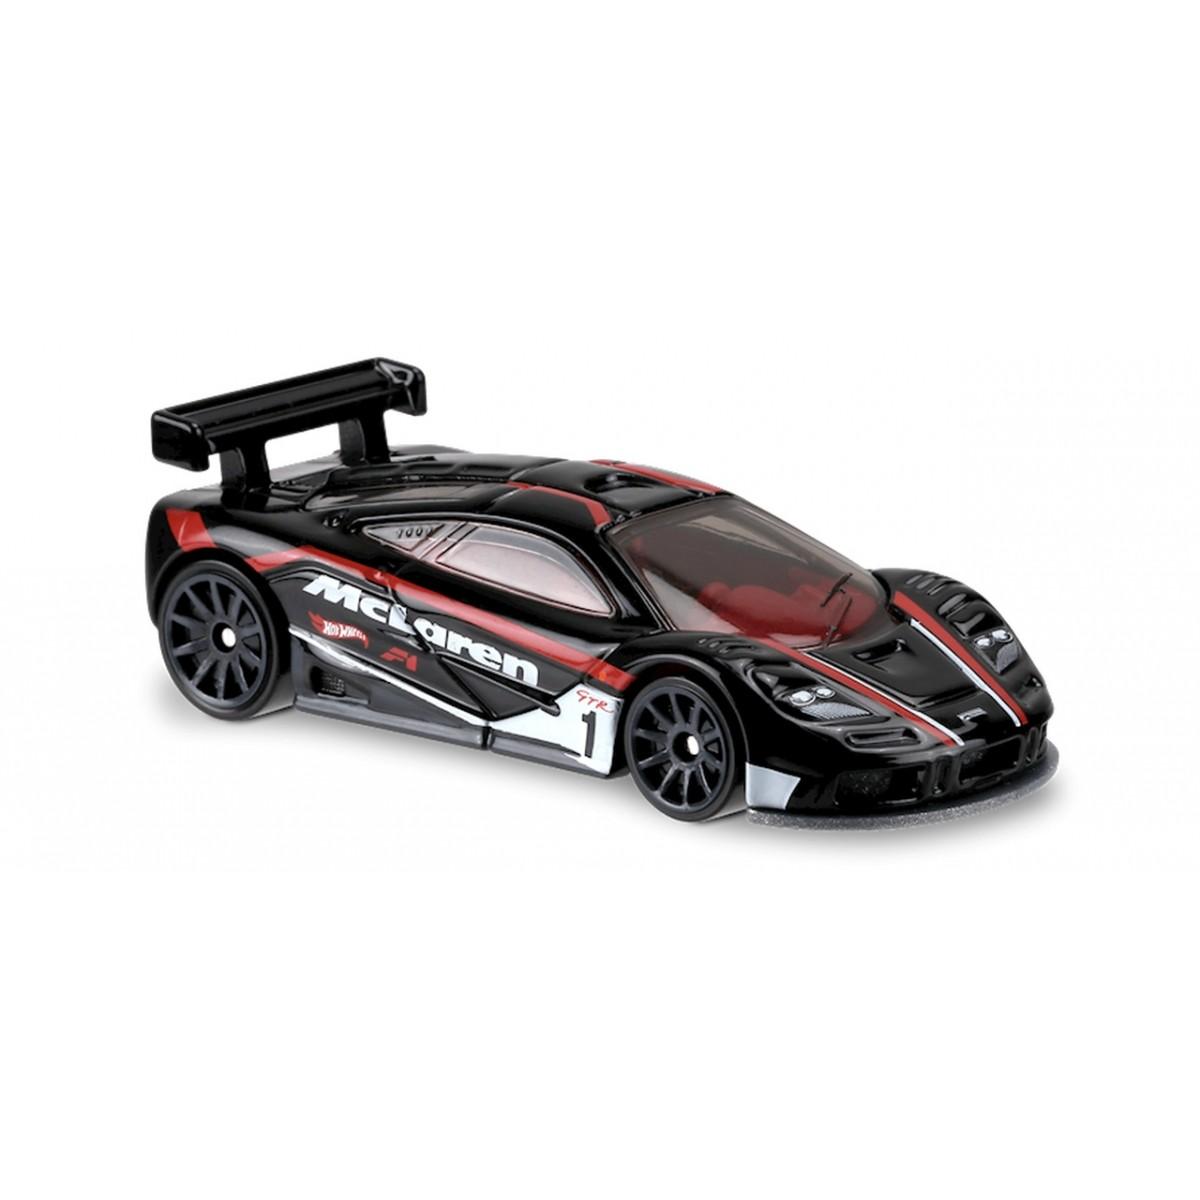 Carrinho Hot Wheels: McLaren F1 GTR Preto